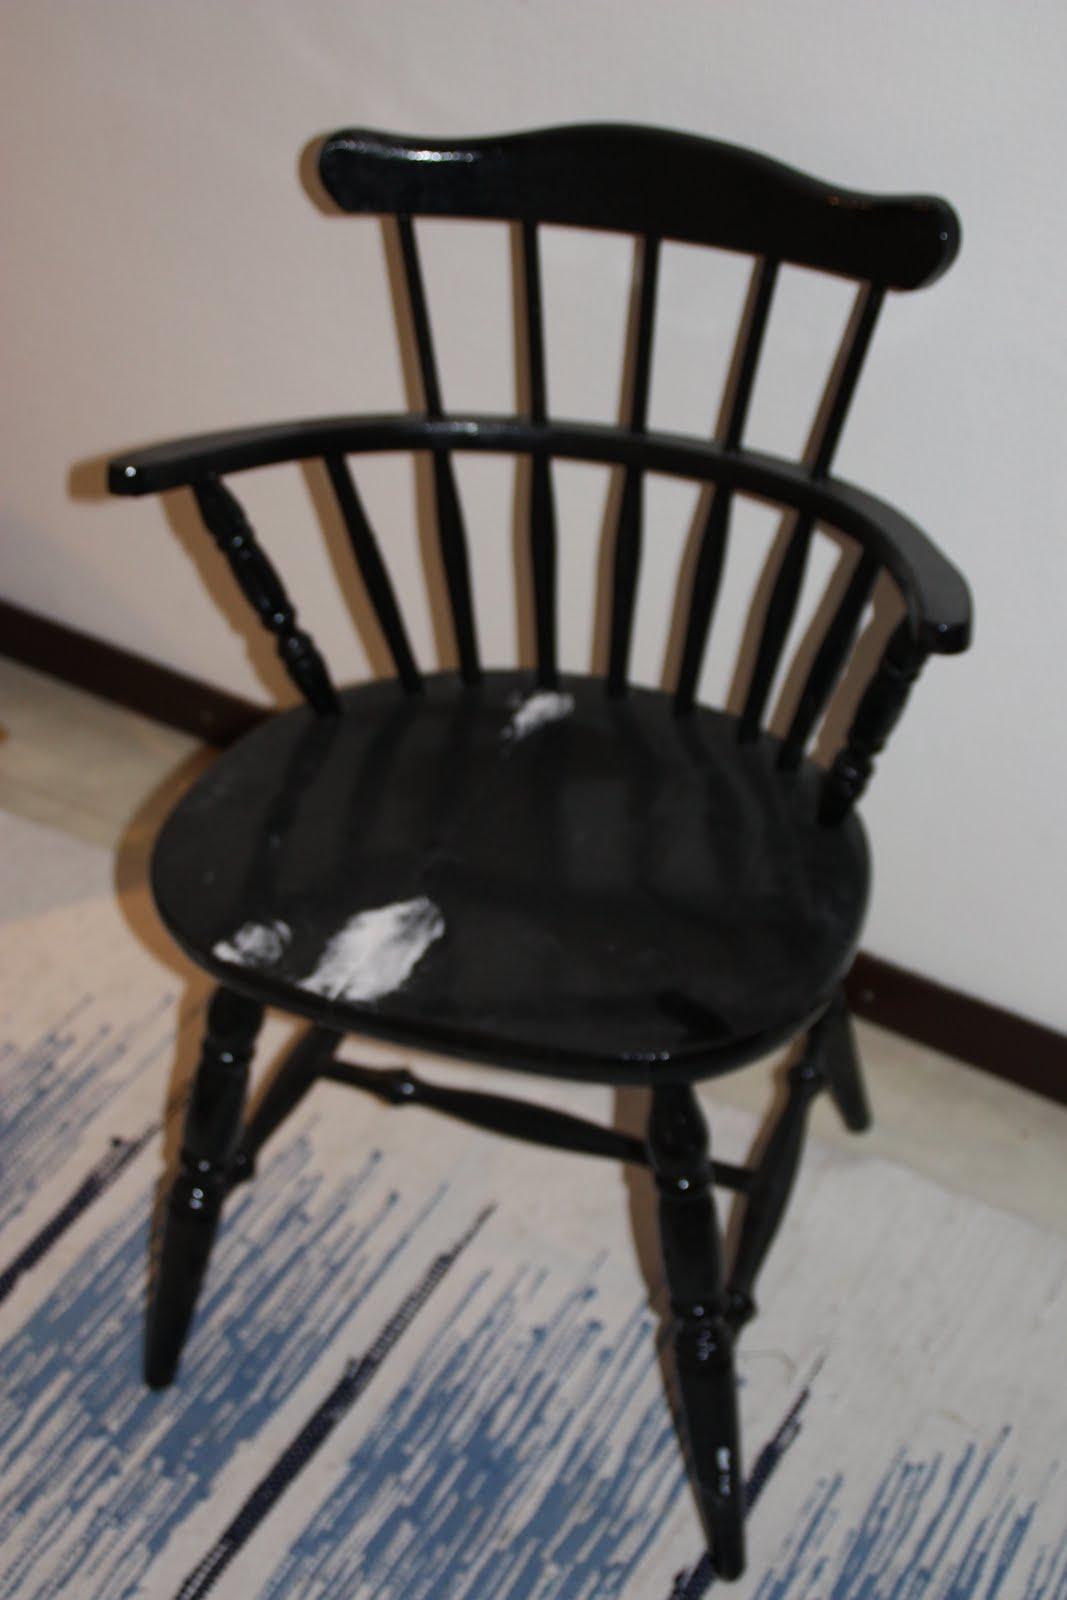 mg s m bel design second hand fynd blir som nytt. Black Bedroom Furniture Sets. Home Design Ideas